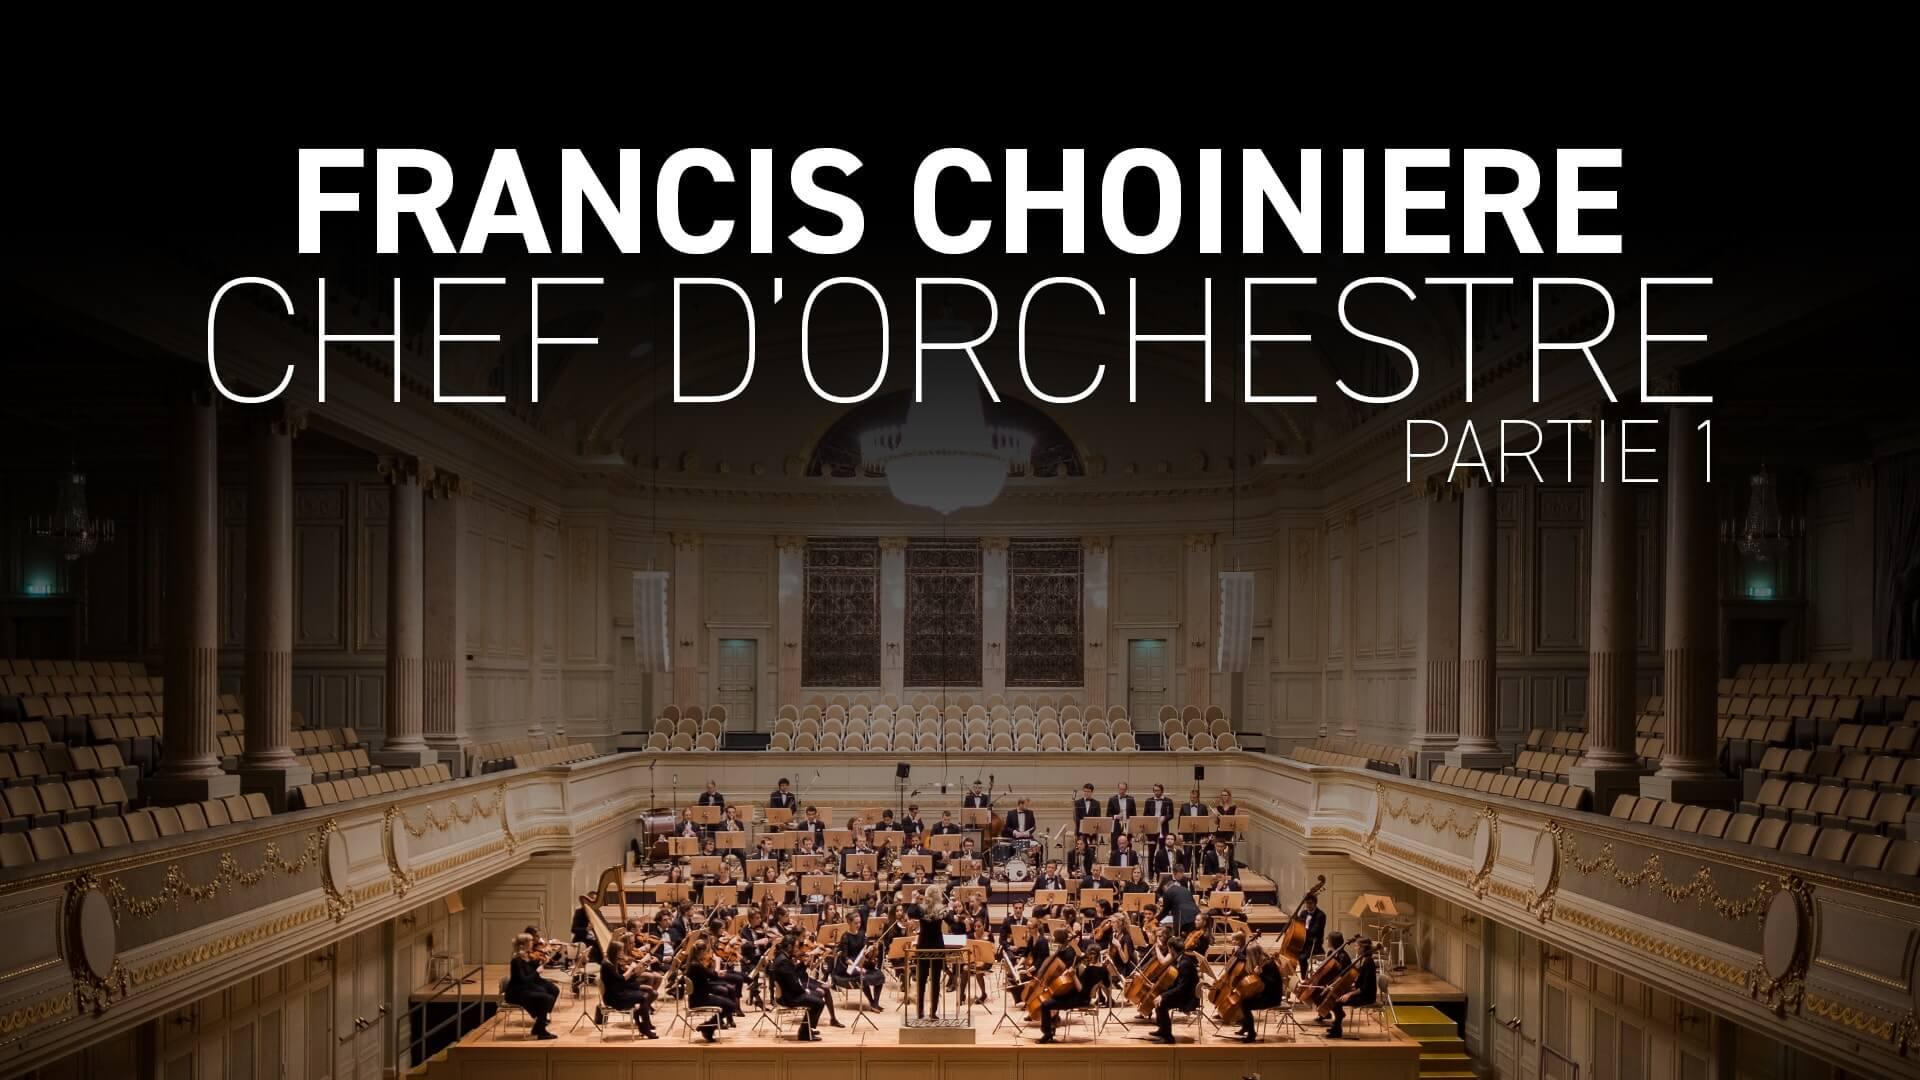 Chef d'orchestre pt1